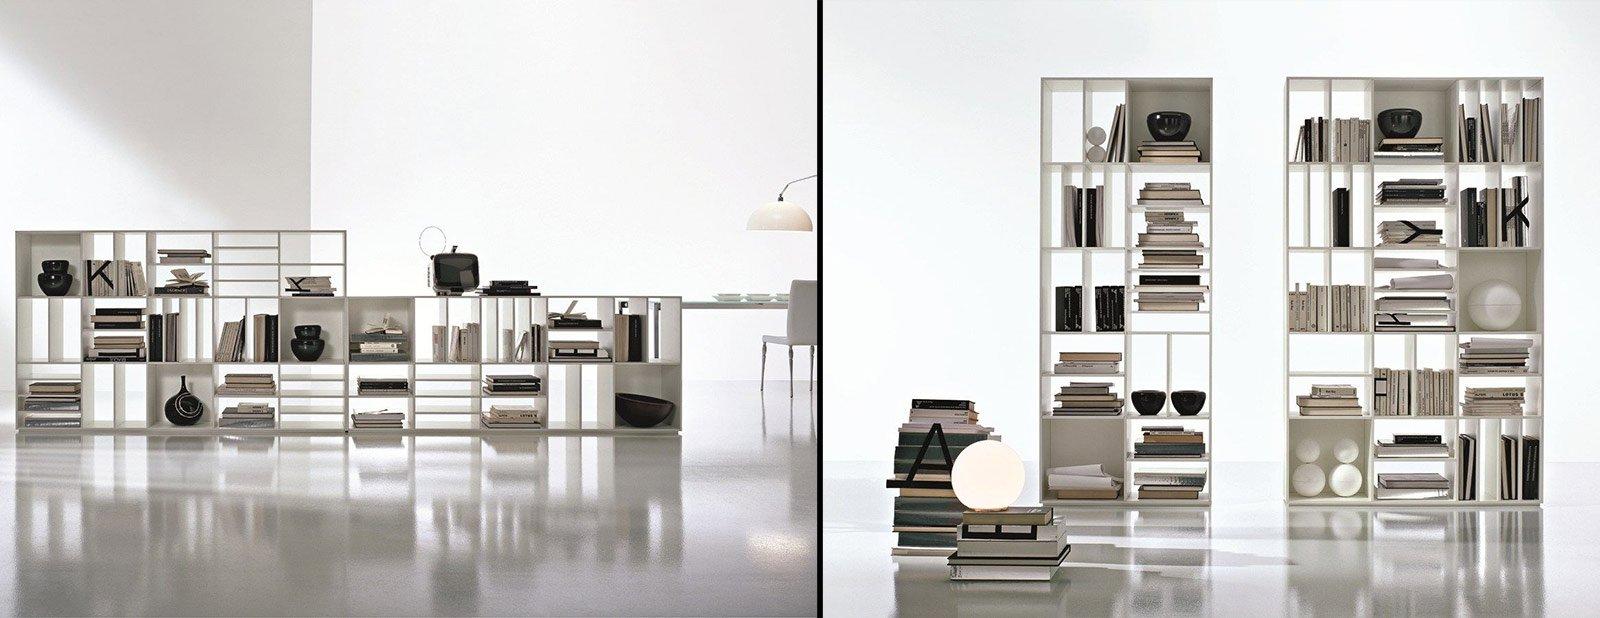 Libreria Per Logic Pro X : Librerie bifacciali per separare ambienti cose di casa